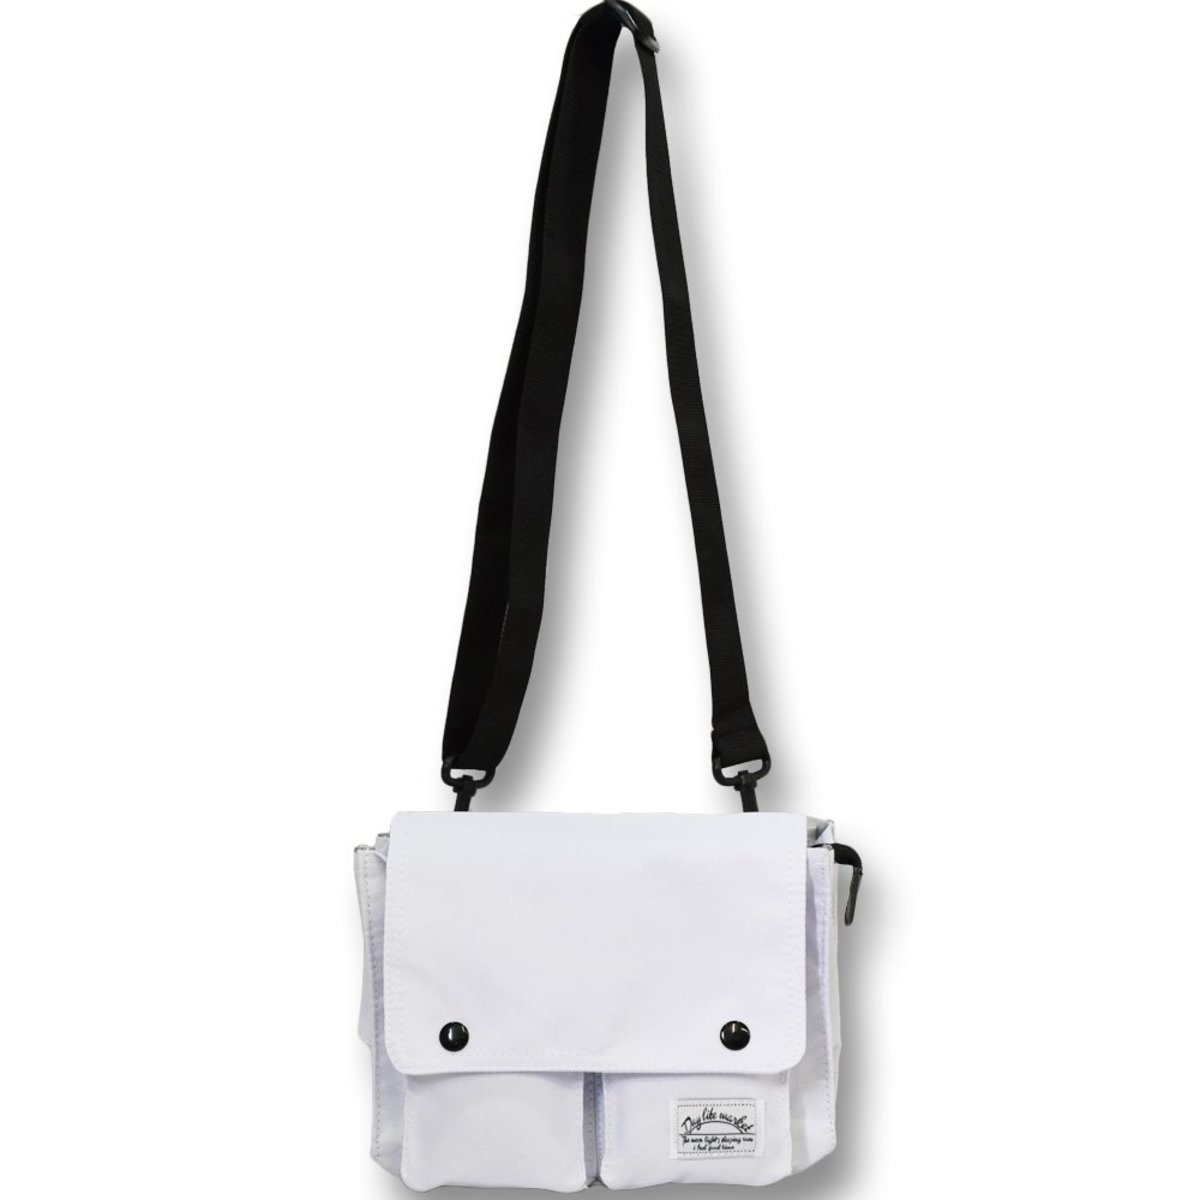 日本直送-輕便2way袋(白色)